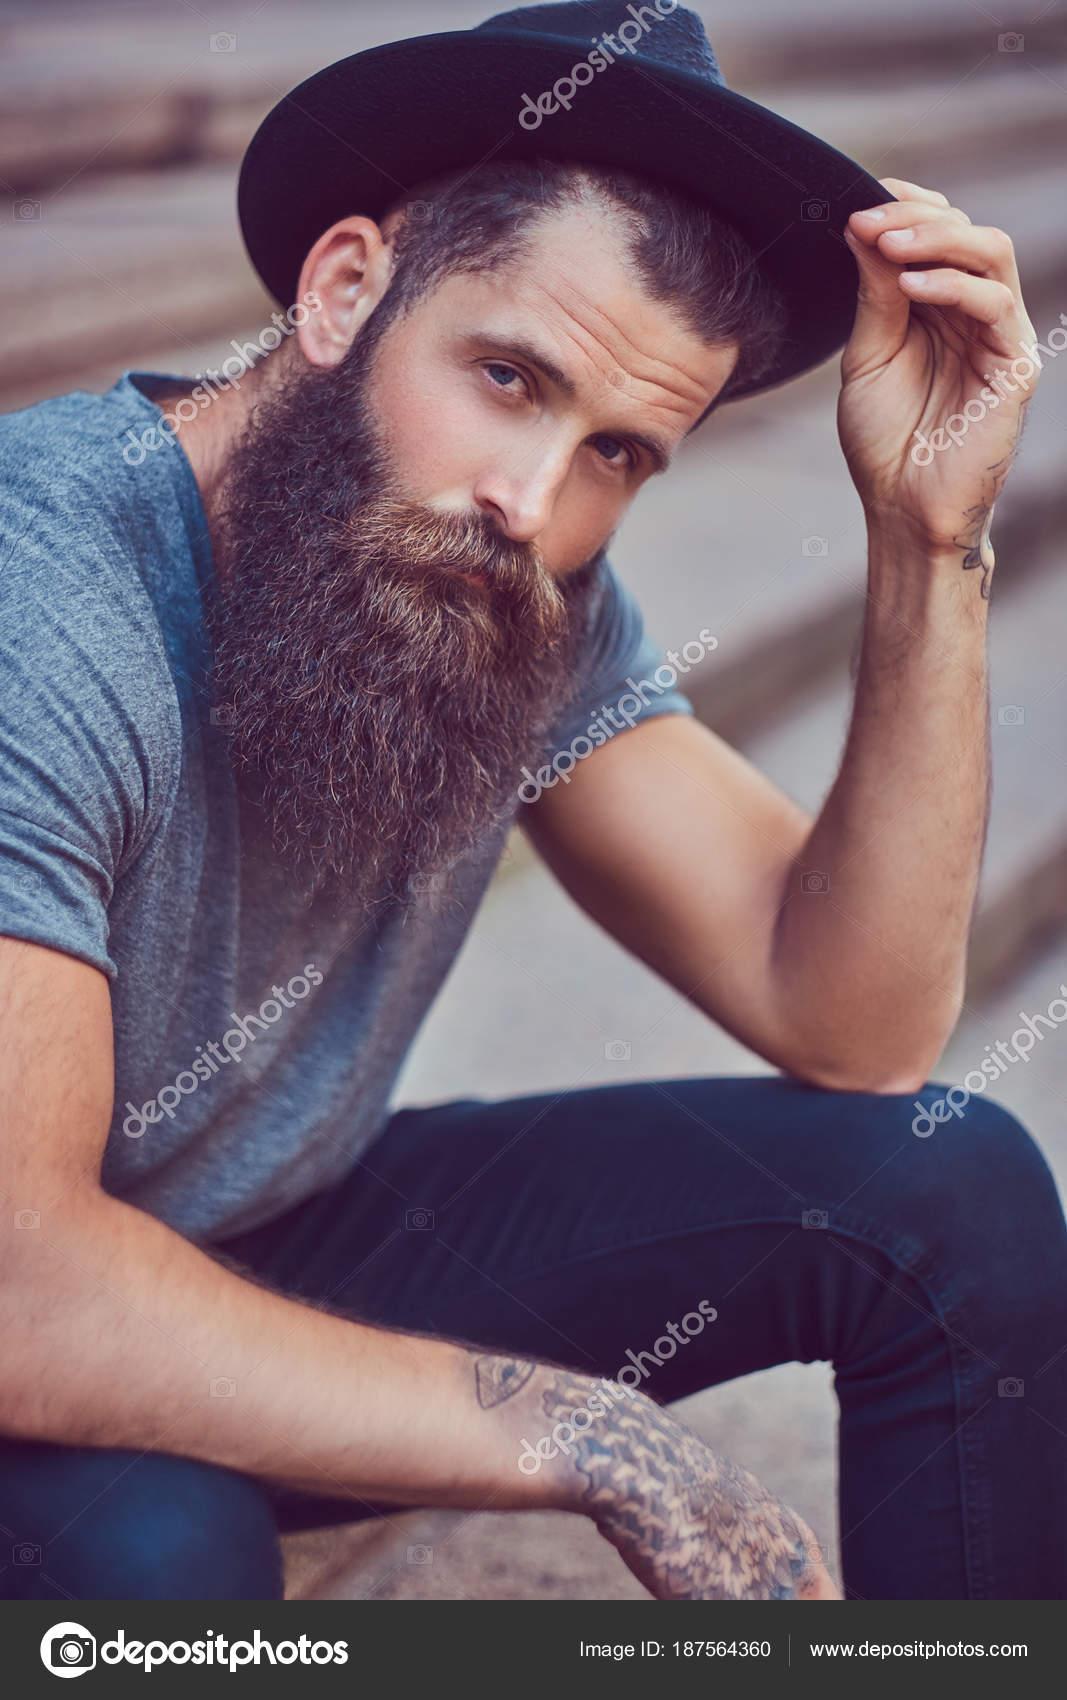 Hombre guapo hipster con una barba con estilo con un tatuaje en los brazos  vestido con ropa casual y sombrero se encuentra en pasos - hombres con  rastas y ... 6538e1a2860